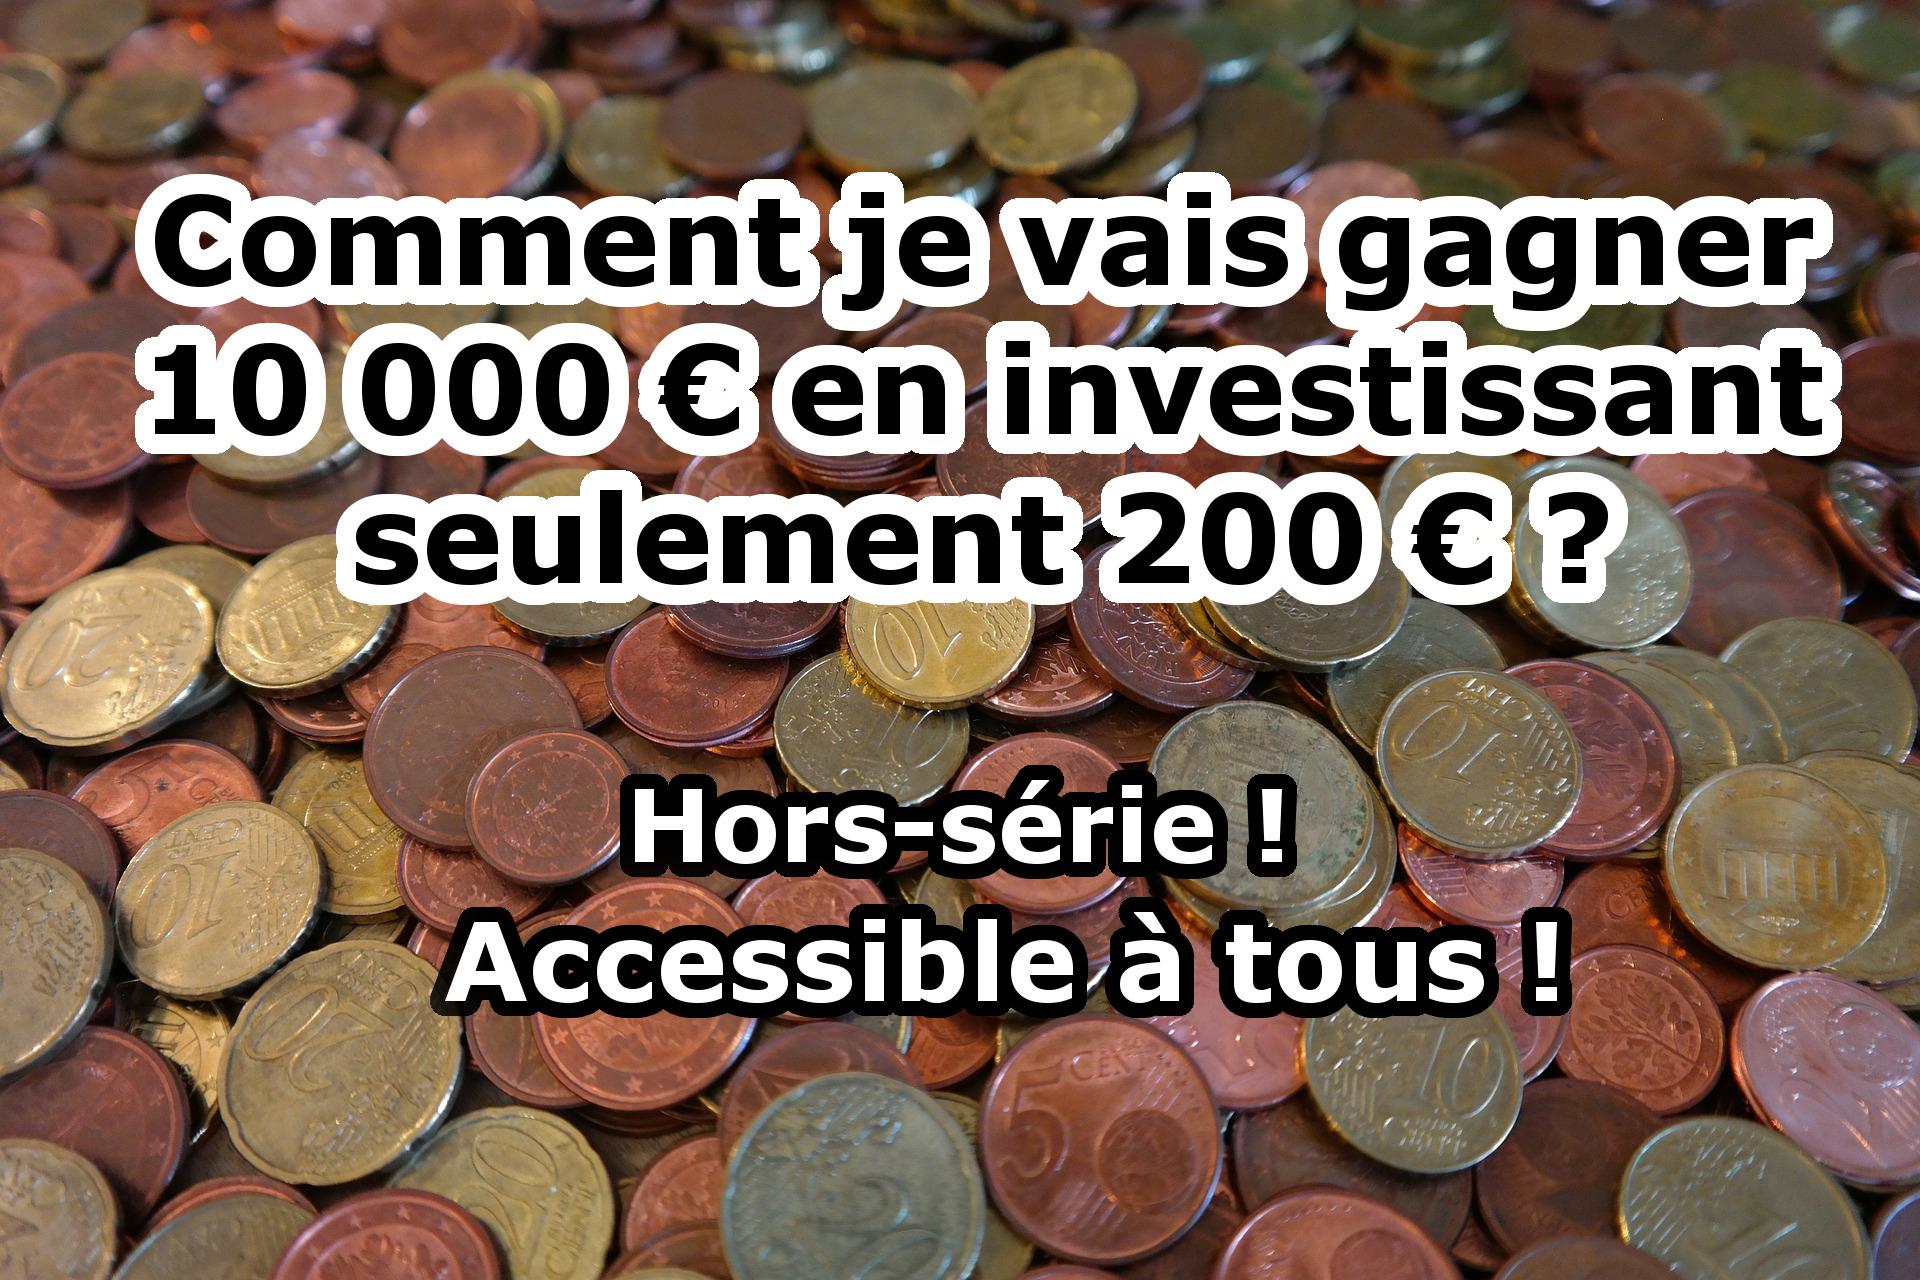 Comment je vais gagner 10 000 € en investissant seulement 200 € ?